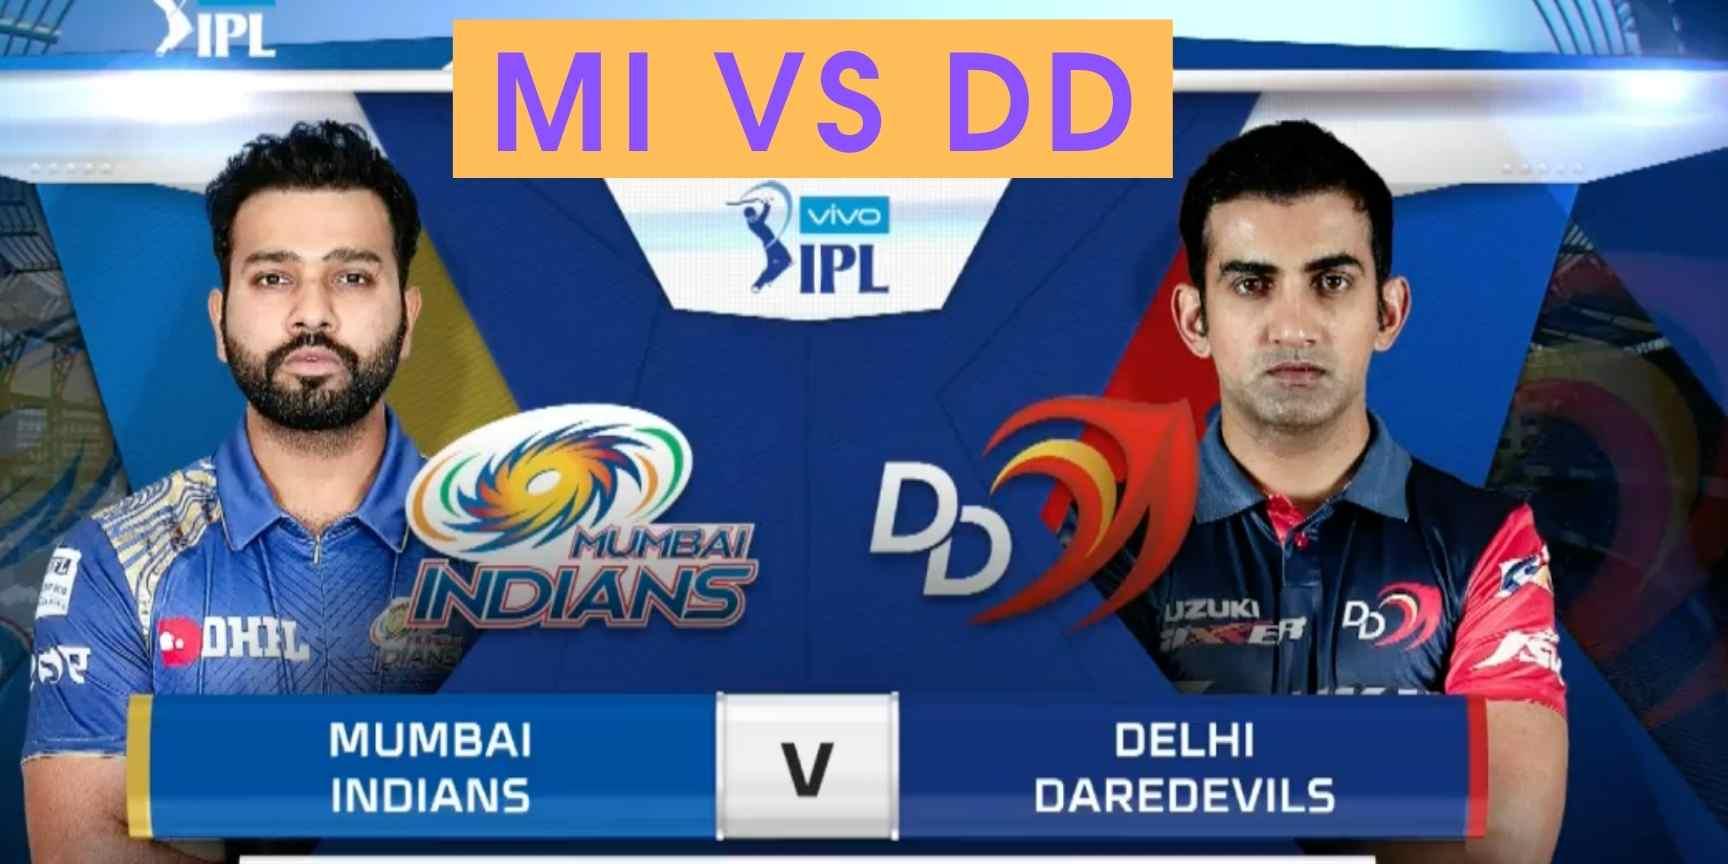 MI vs DD